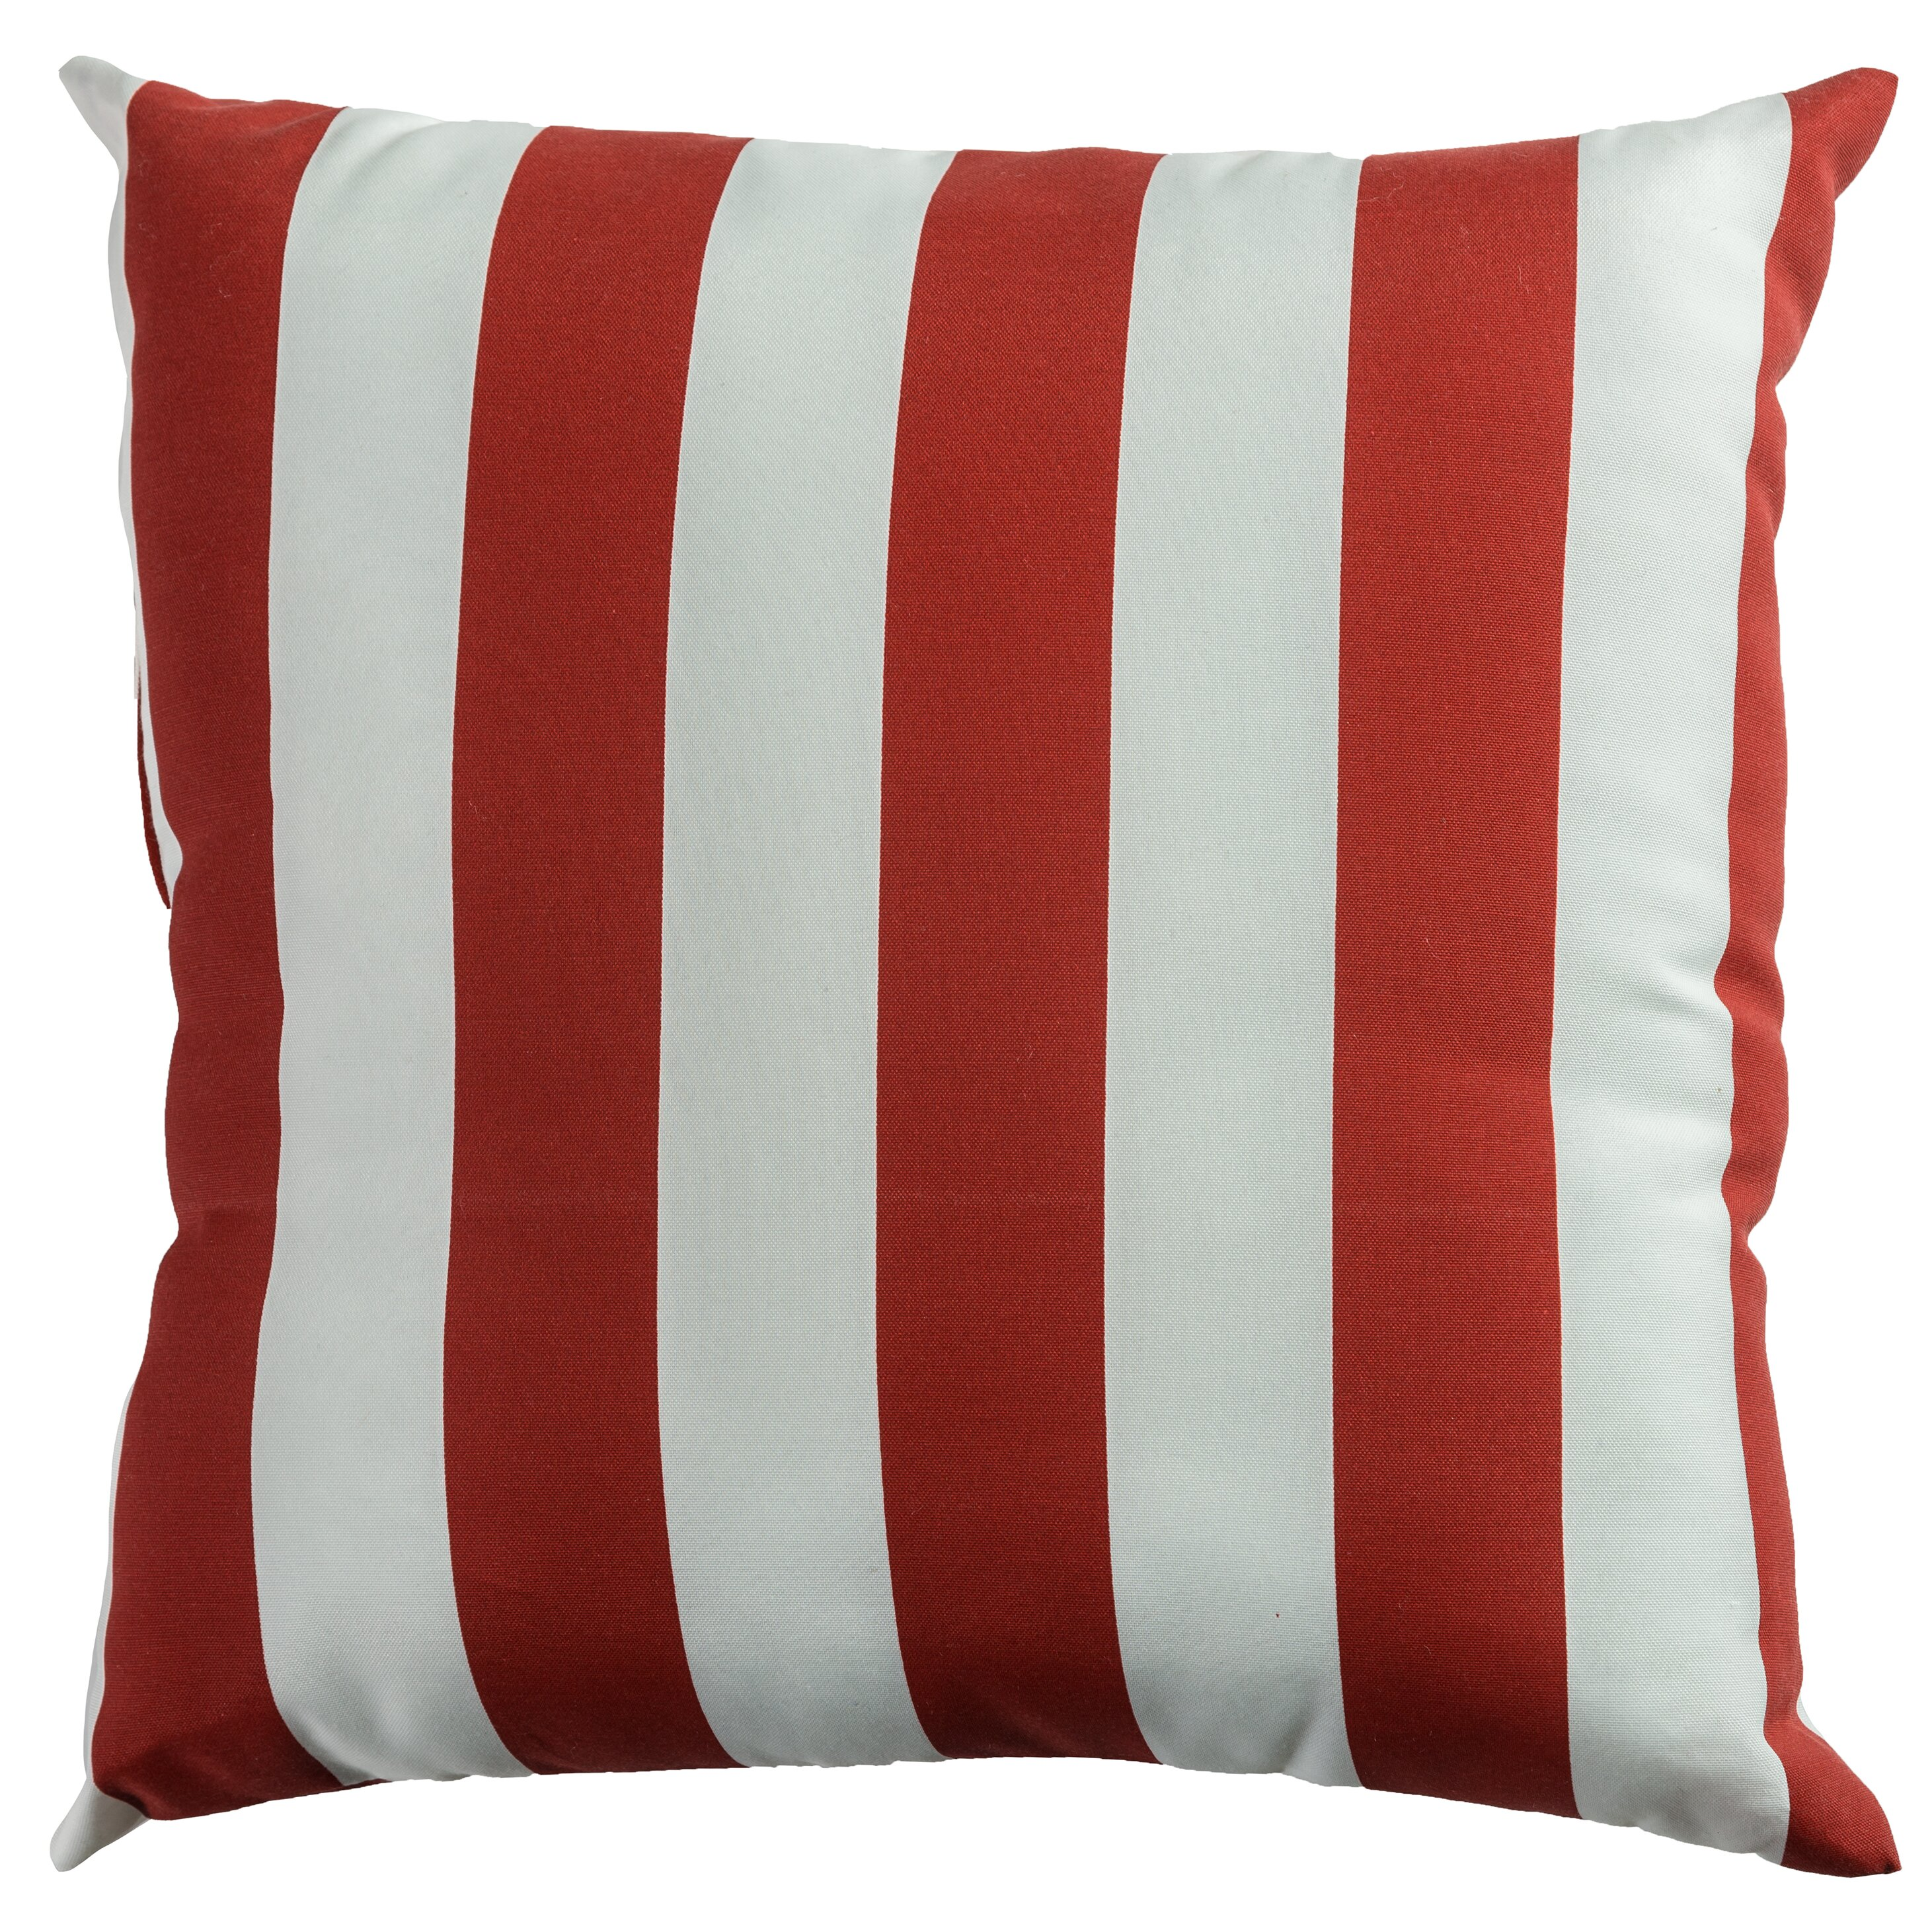 Beachcrest Home Striped Outdoor Throw Pillow & Reviews Wayfair